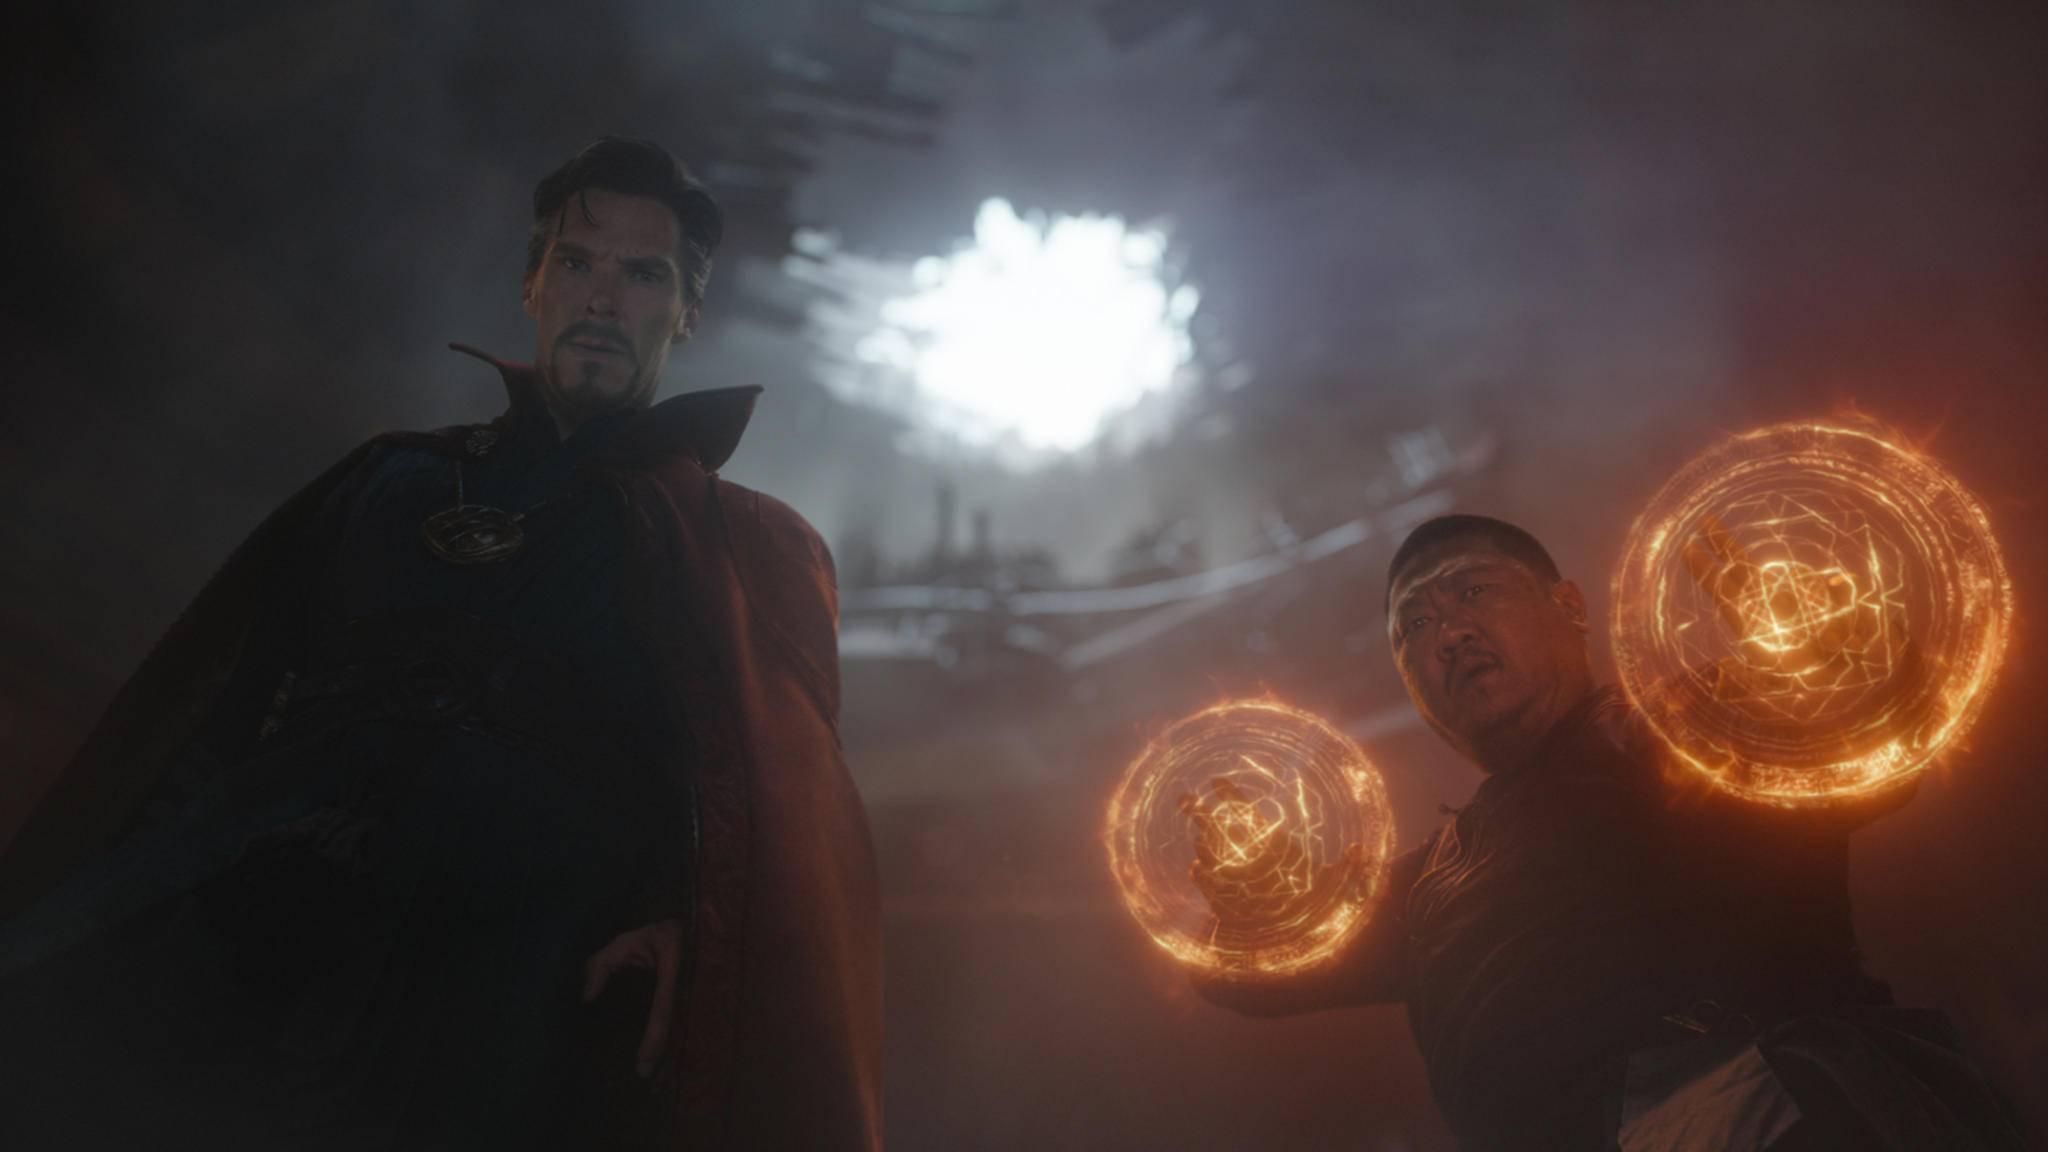 Düstere Aussichten für Doctor Strange?